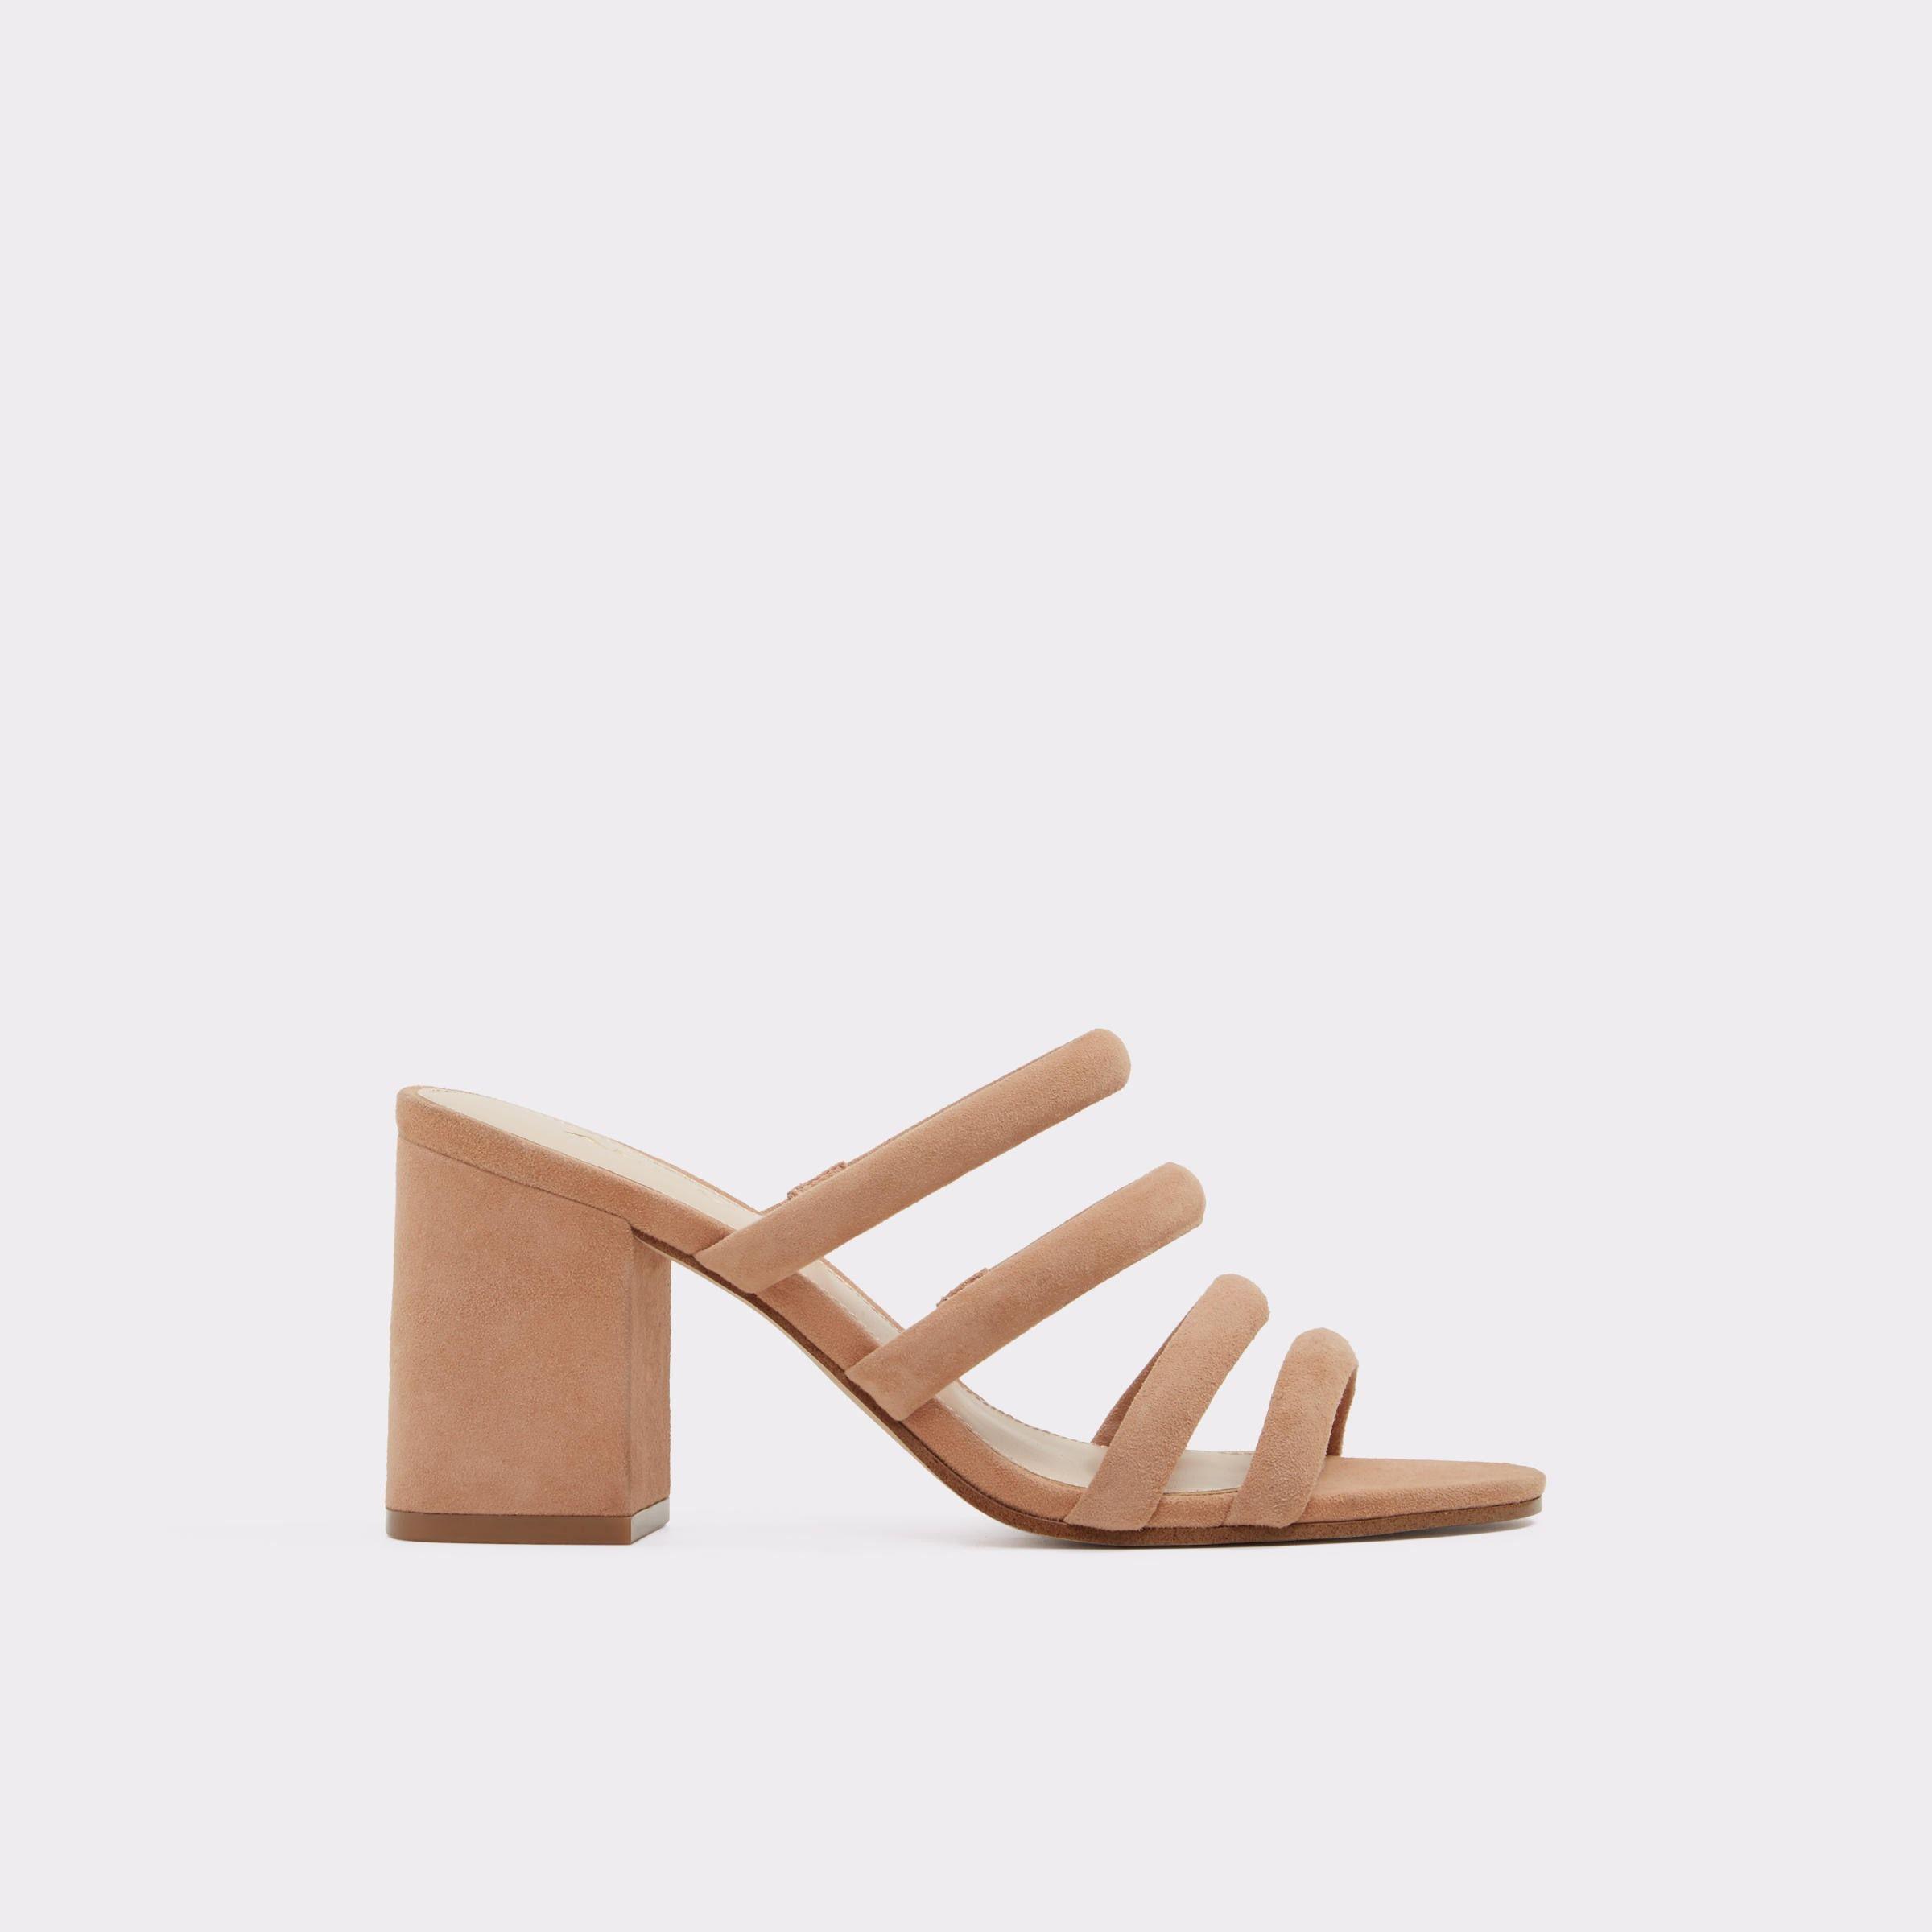 Weinreich Medium Brown Women S Sandals Aldo Us Sandals Heels Heels Fashion Heels